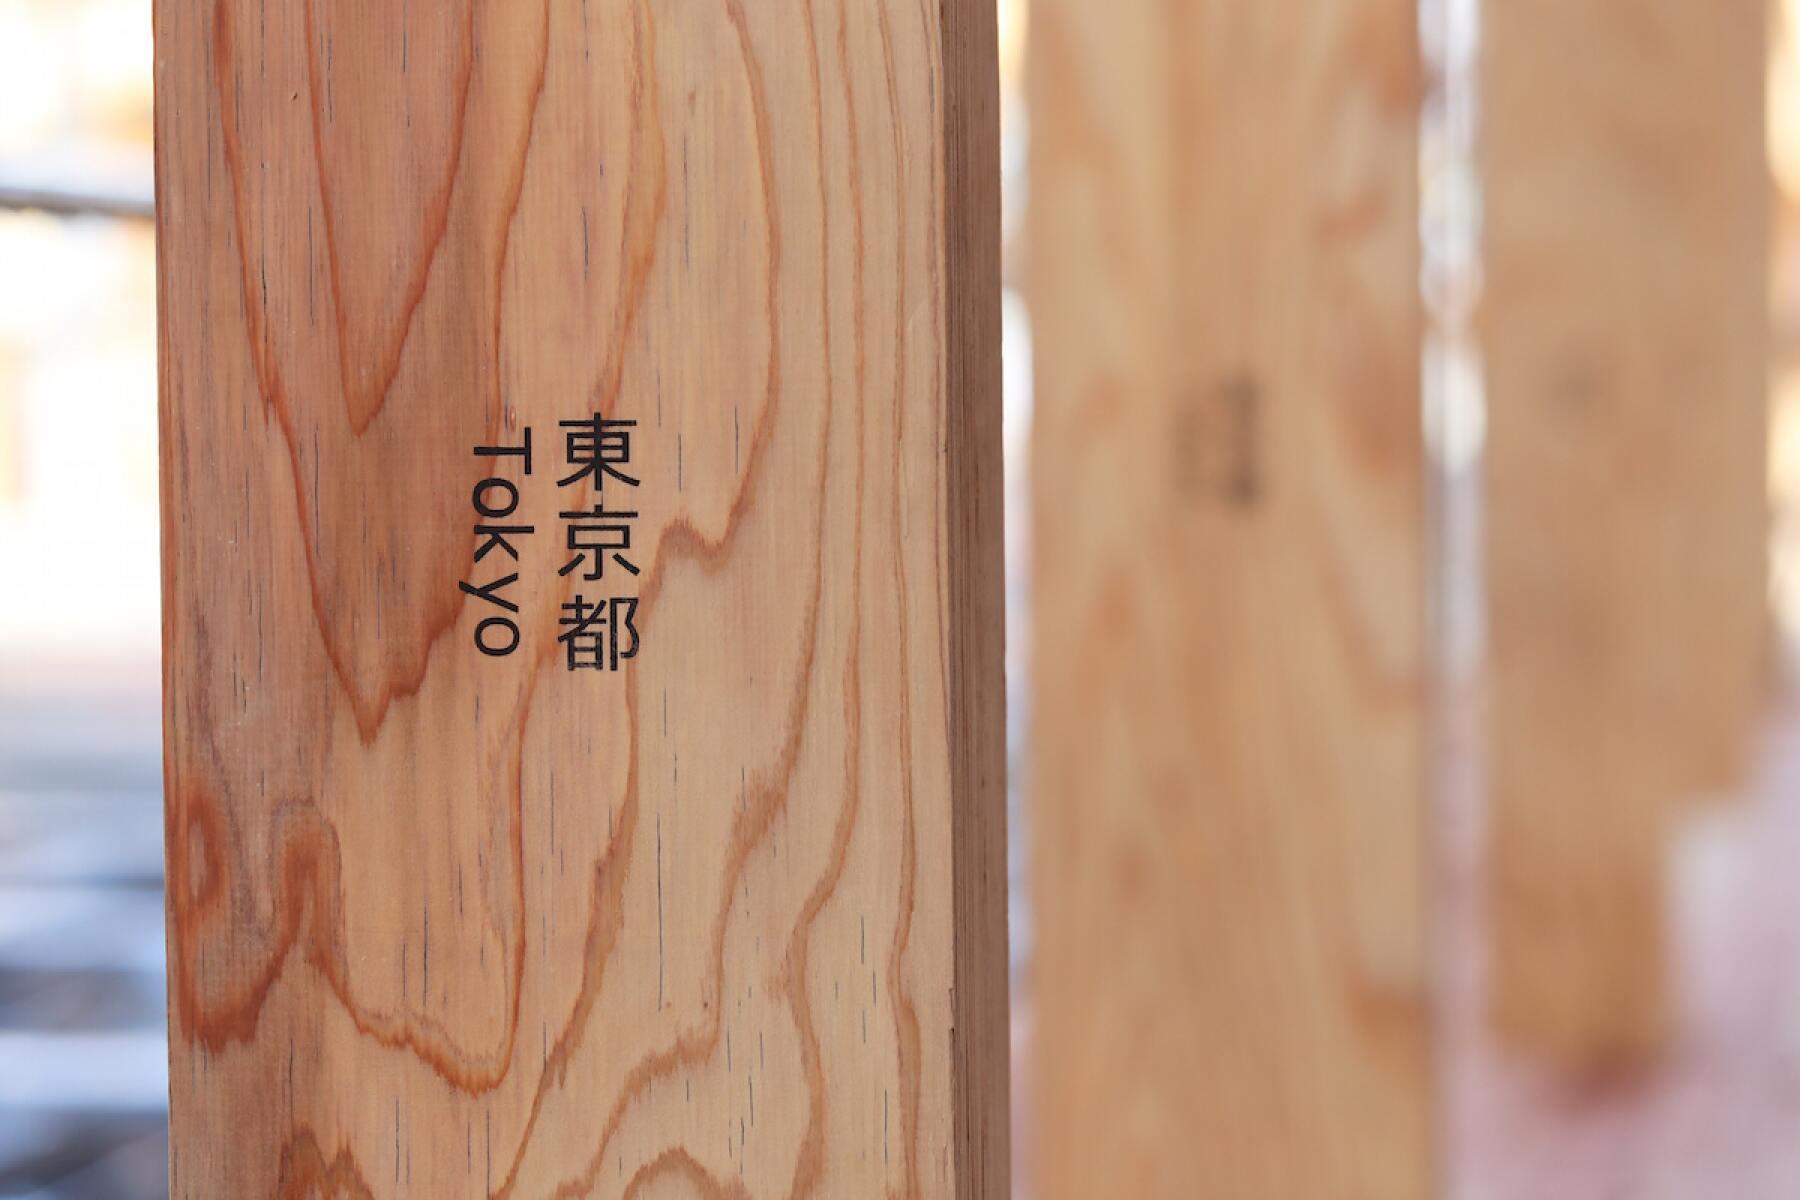 Villa Olímpica - Tokio 2020 - Juegos Olímpicos - villa sustentable - madera